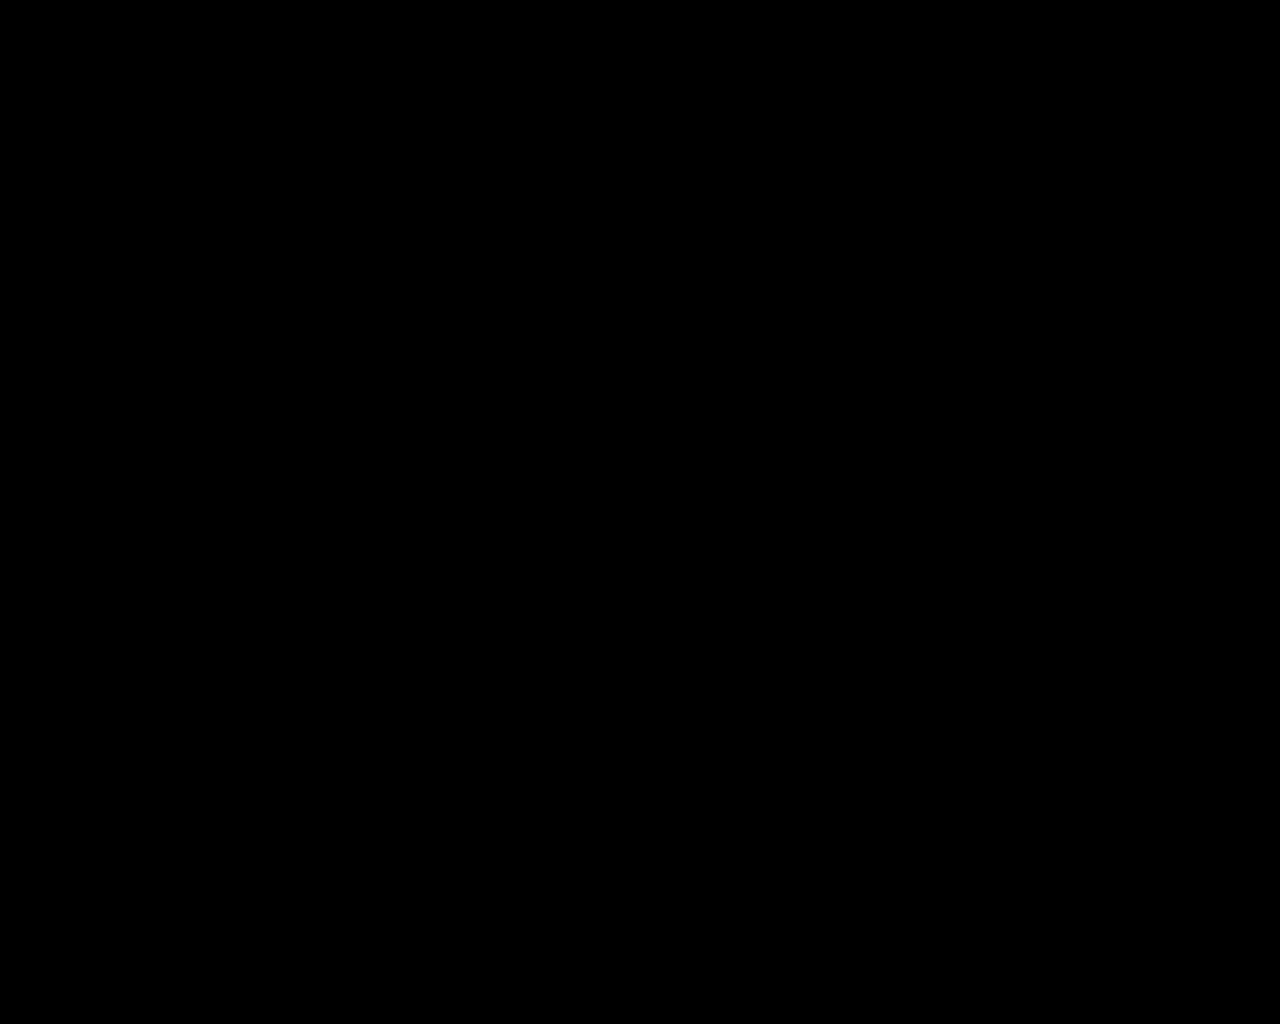 صور و خلفيات سوداء للكمبيوتر والموبايل HD تحميل صور وخلفيات سوداء جودة عالية 2